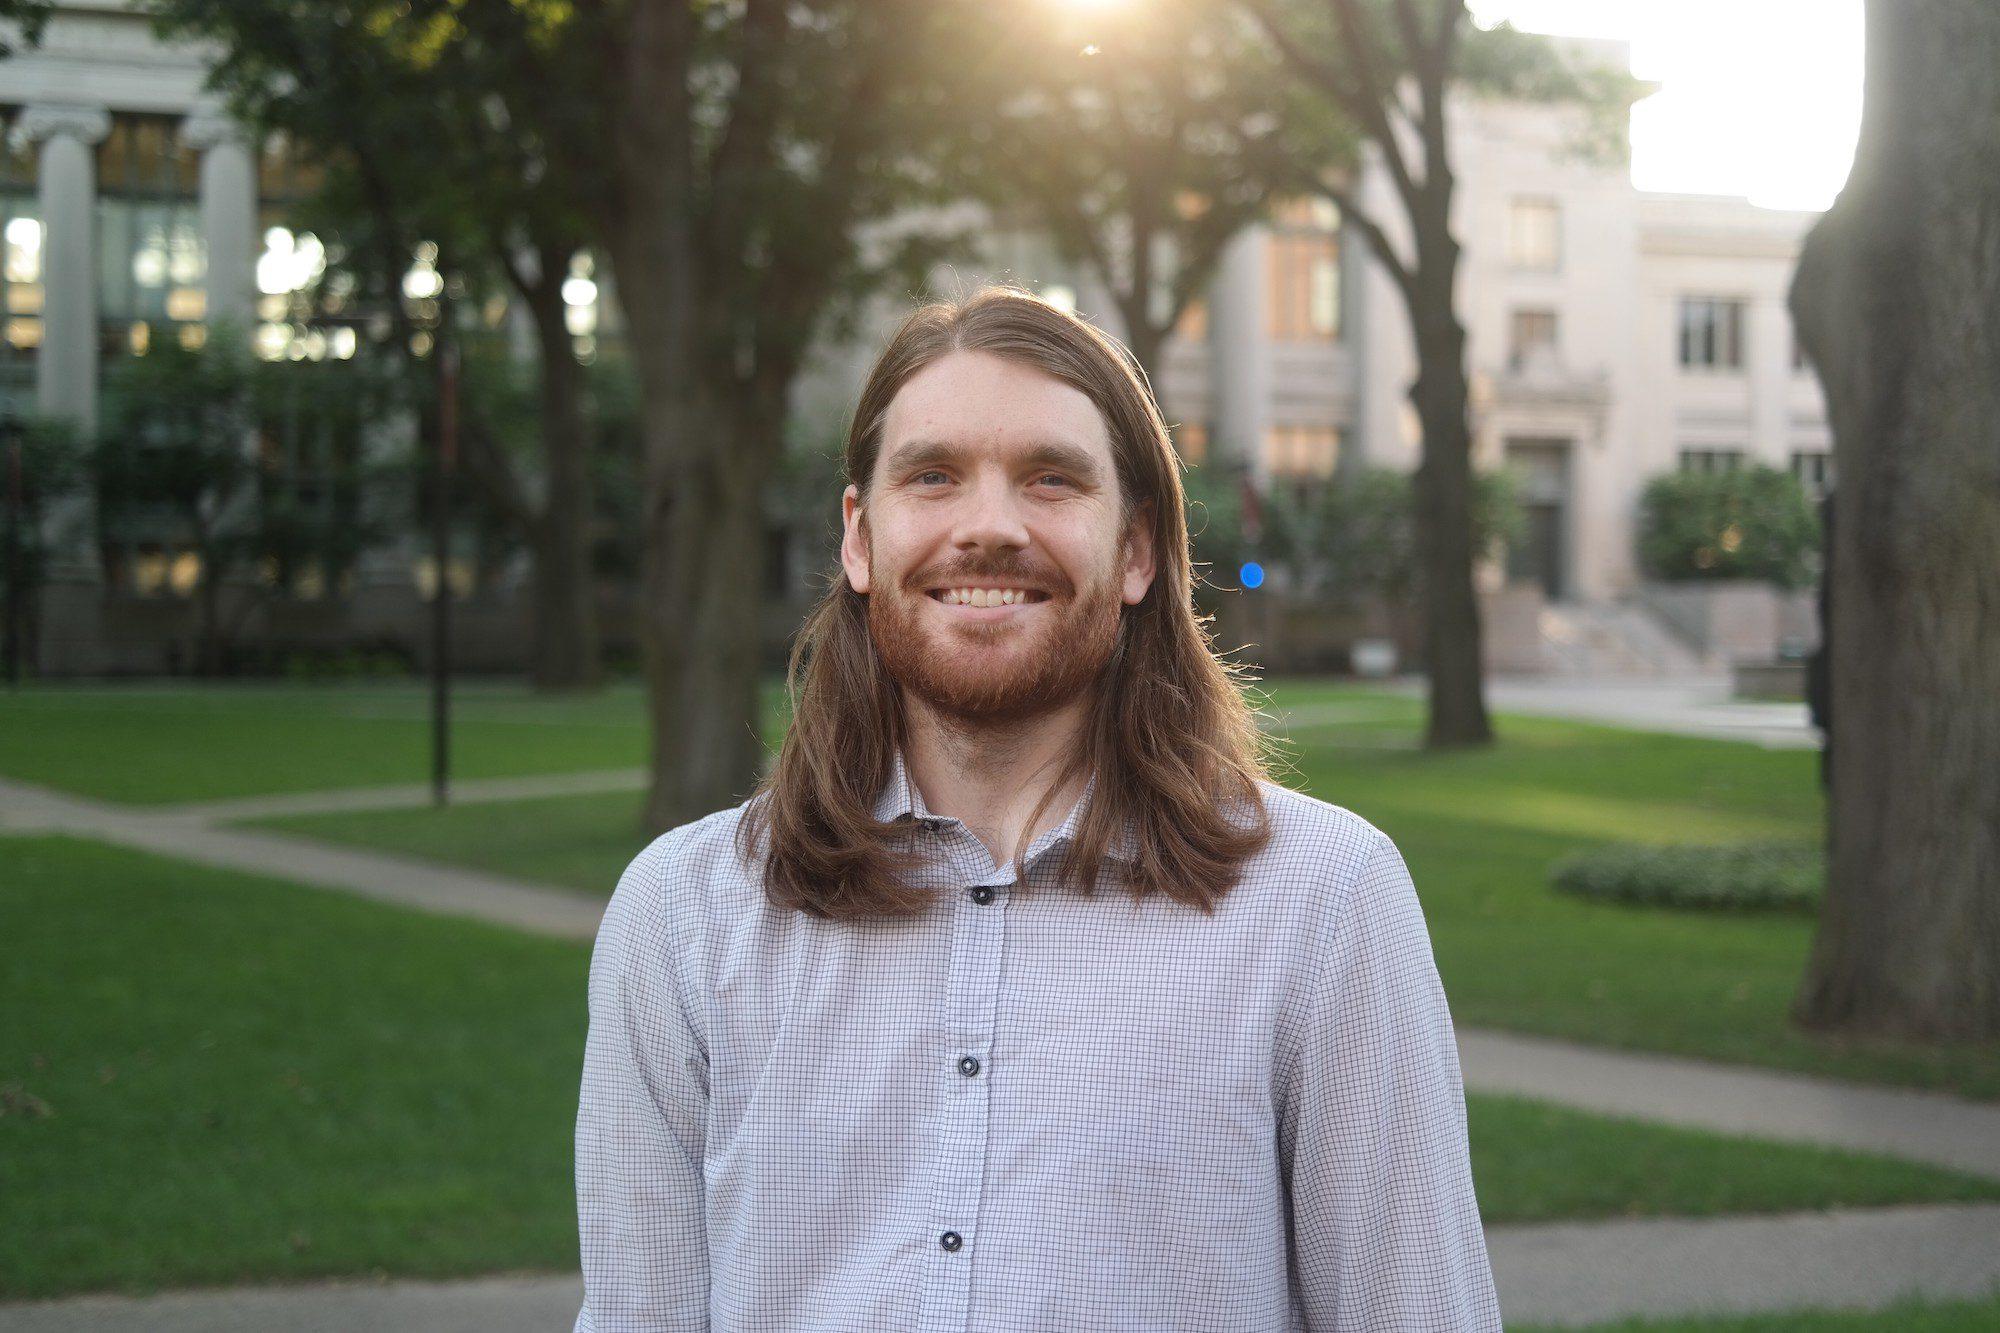 Dan cusworth photo